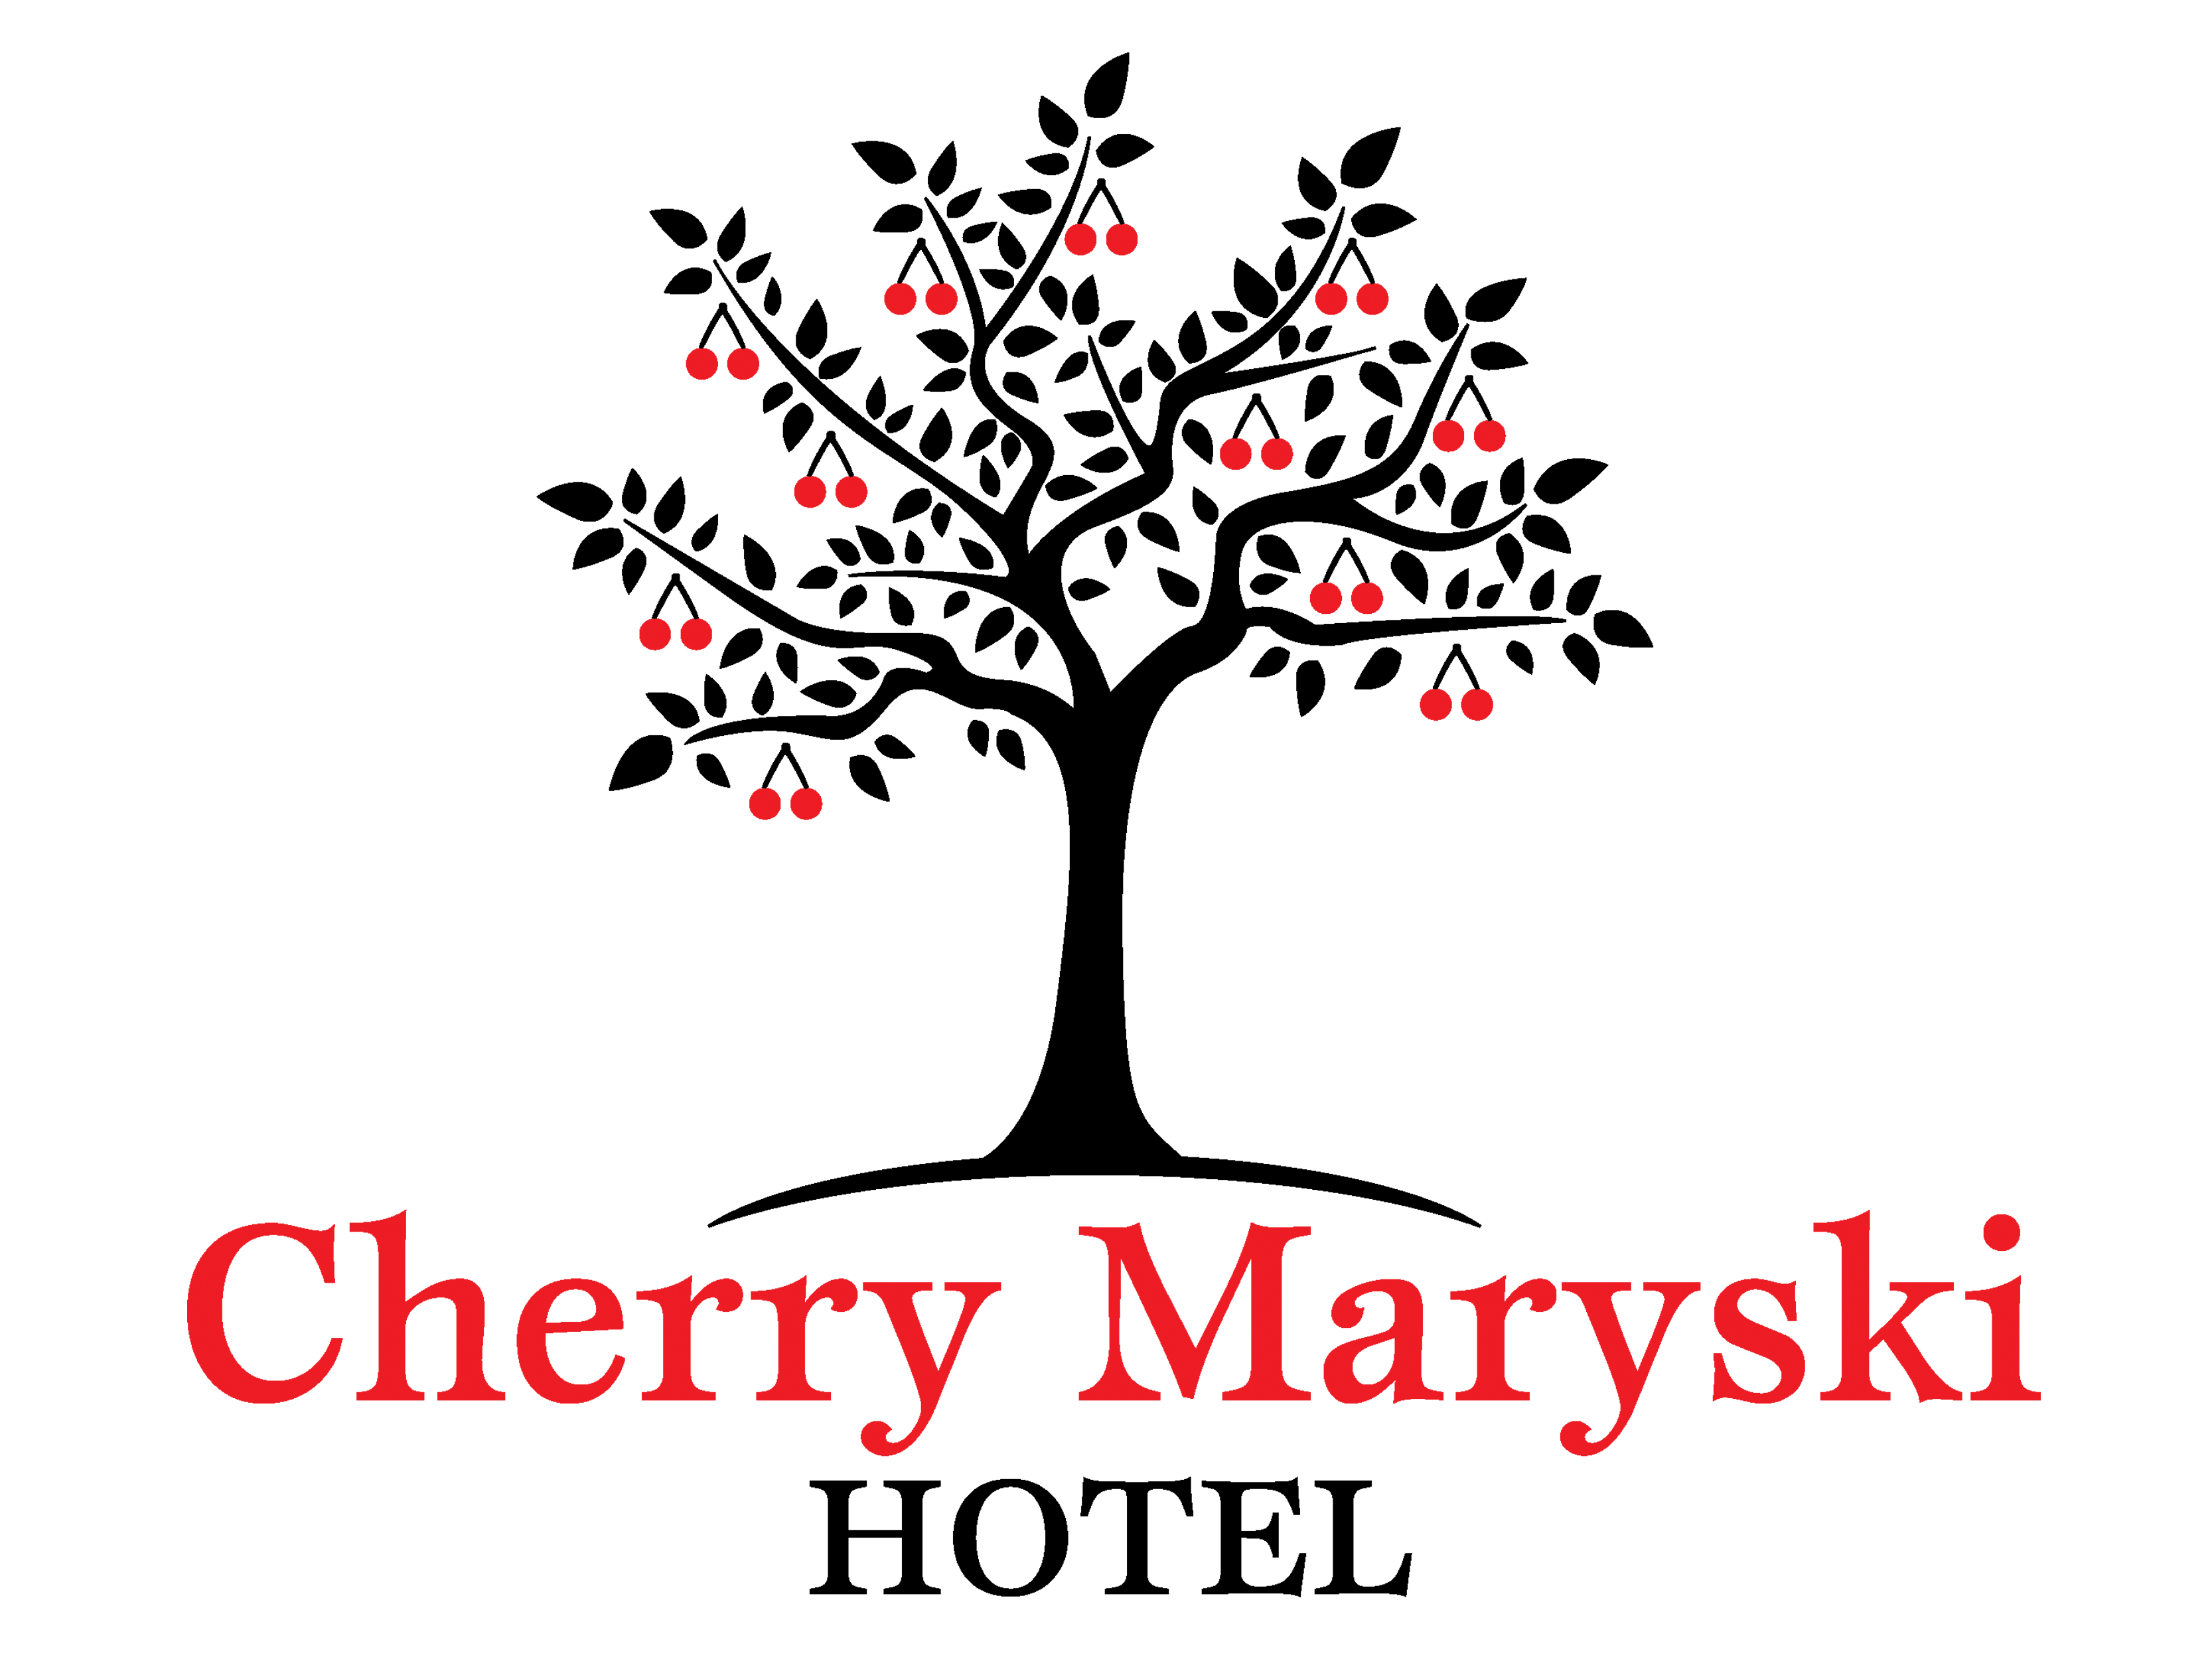 Cherry Maryski